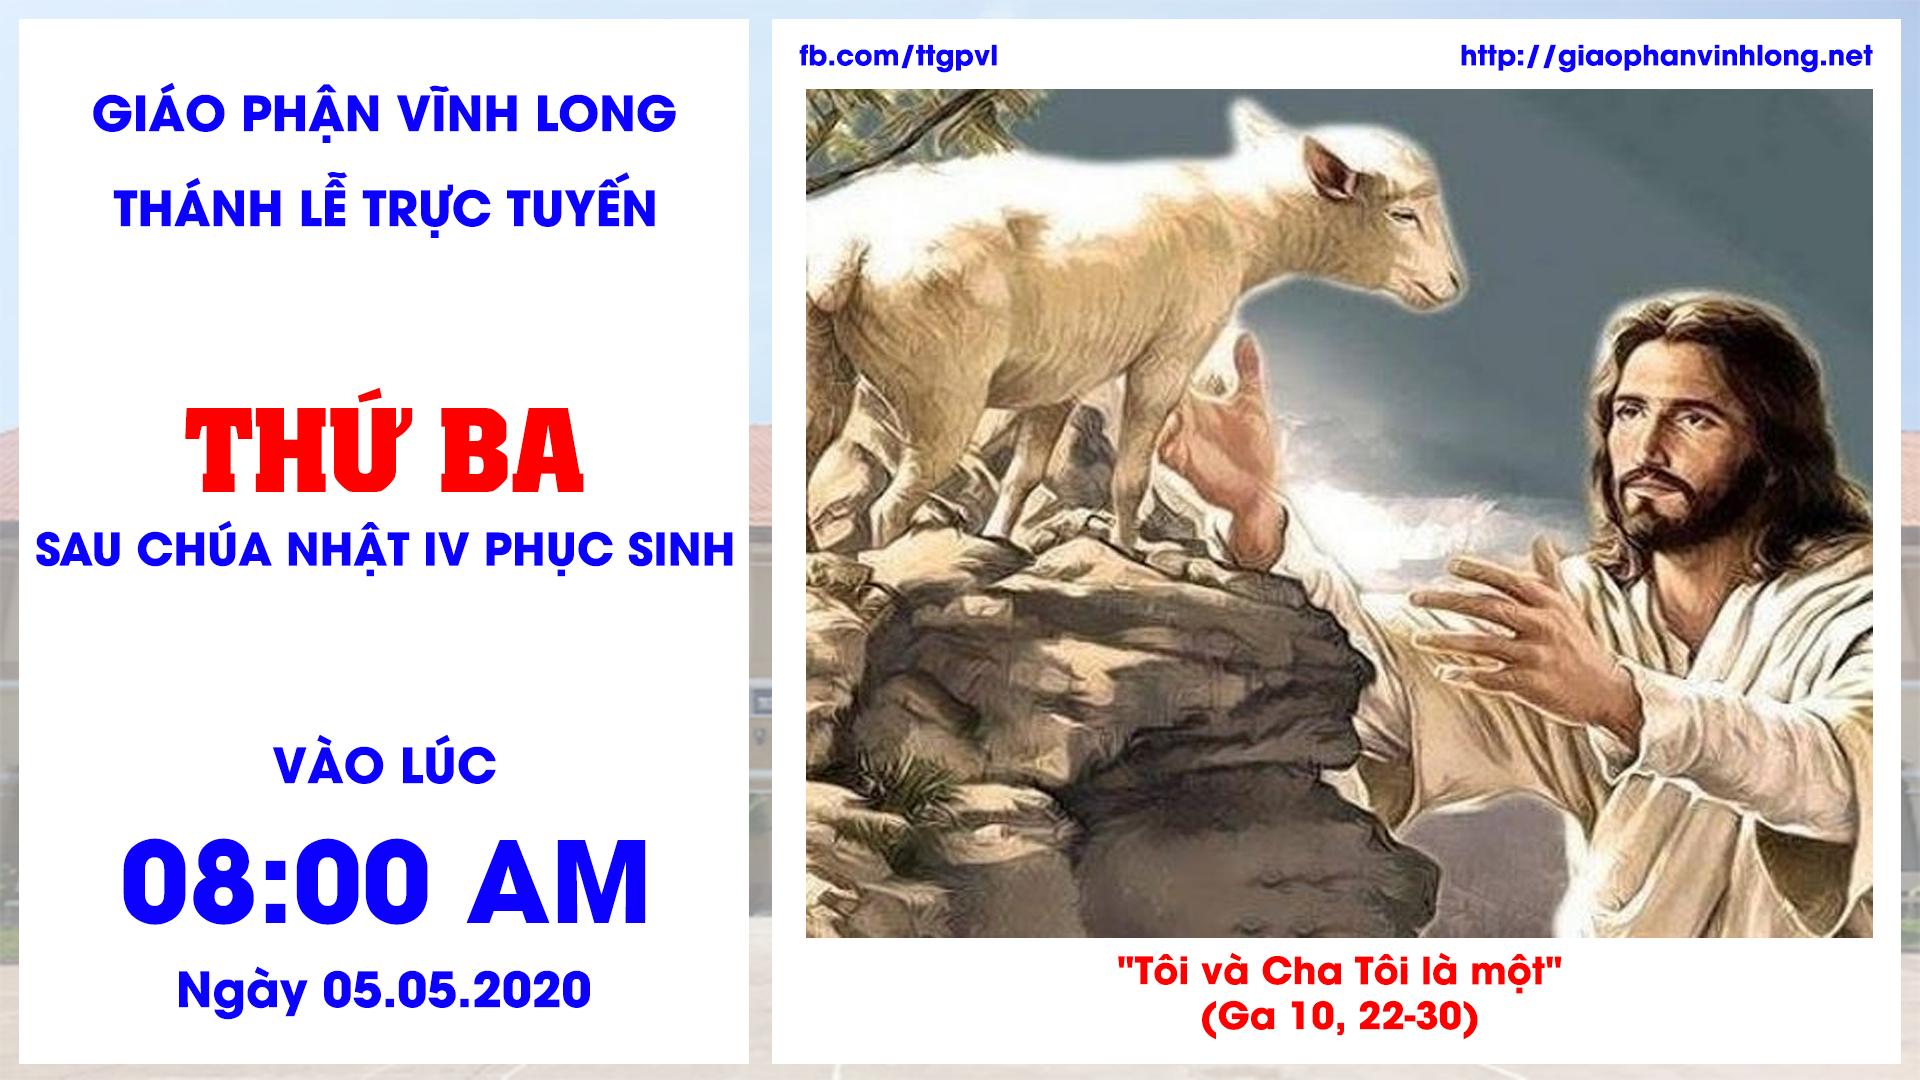 Thánh lễ trực tuyến: Thánh lễ Thứ Ba sau Chúa Nhật IV Phục Sinh - 05.05.2020